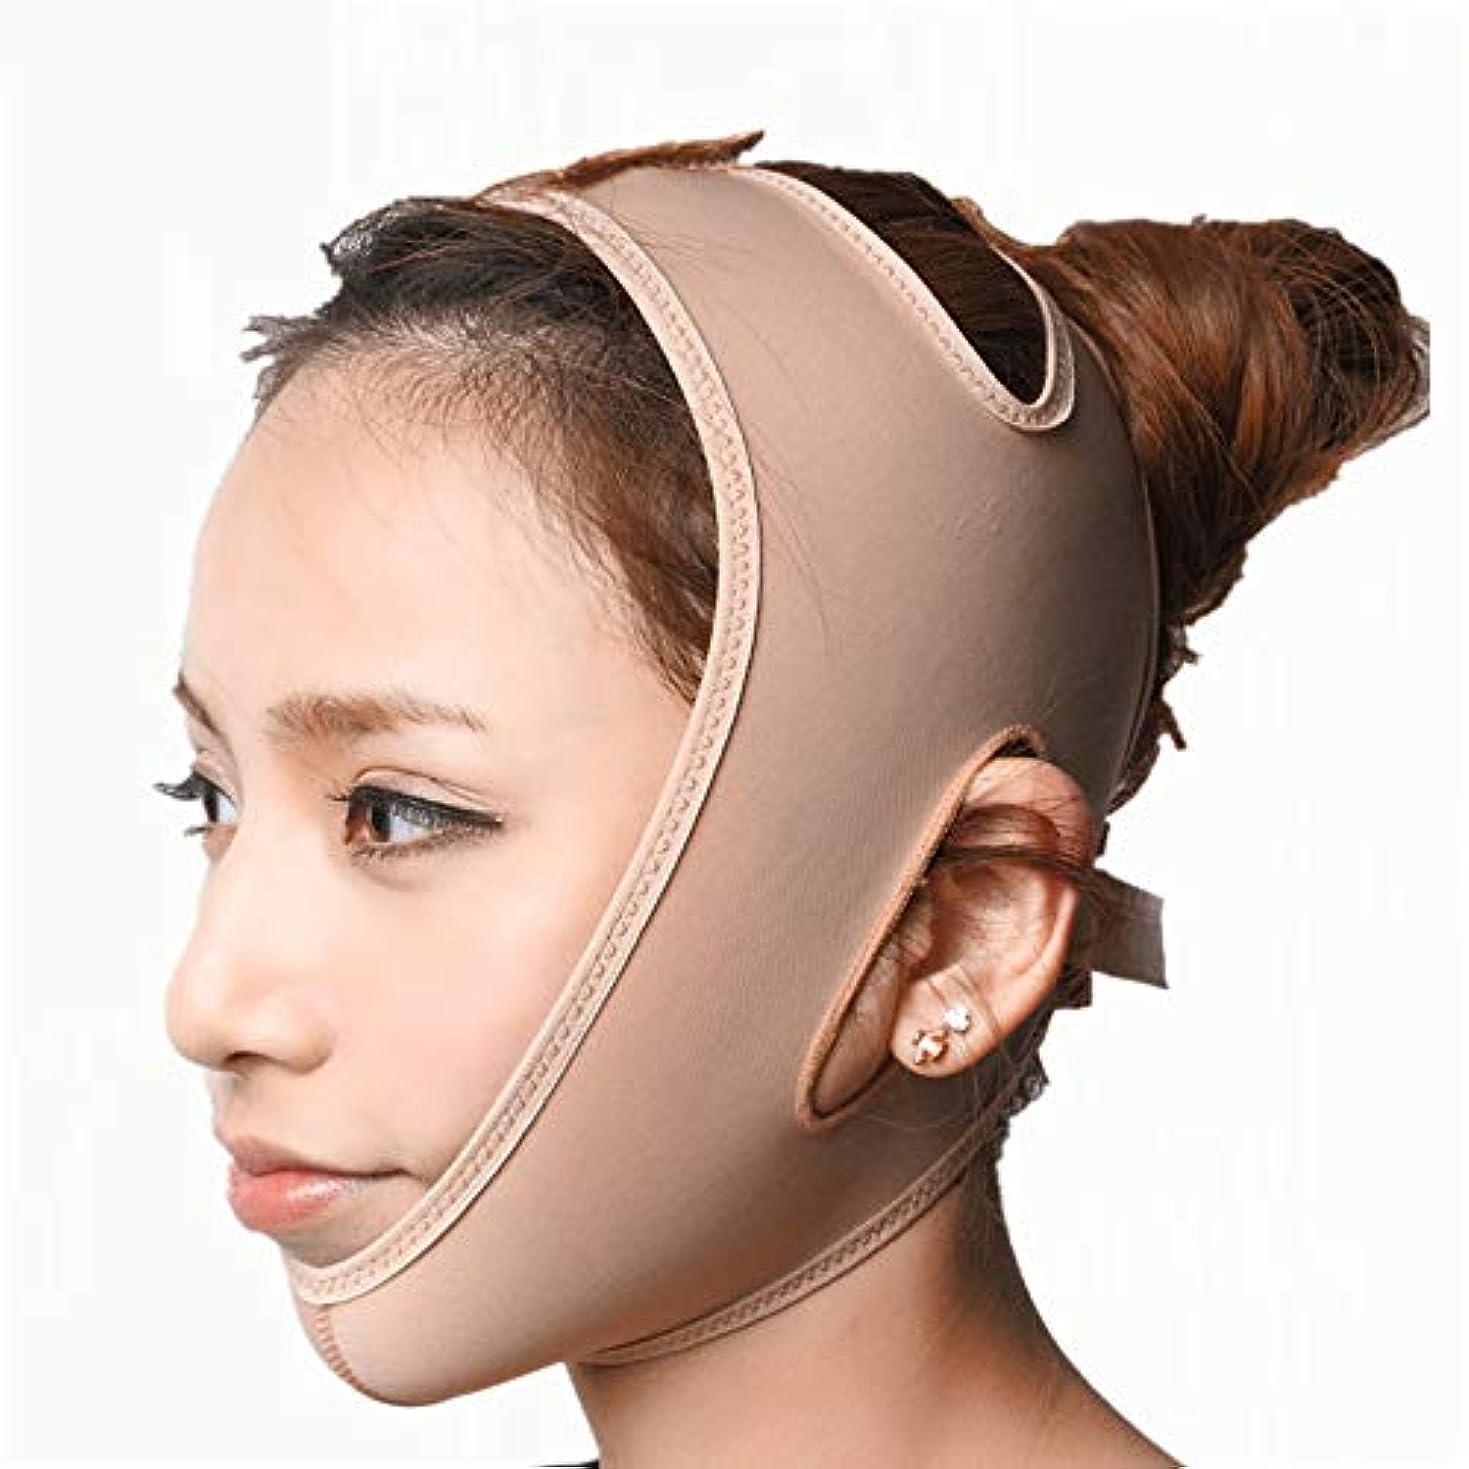 愛人生きる皿飛強強 顔の持ち上がる痩身ベルト - アンチエイジングリンクルフェイスマスクベルトシンフェイス包帯整形マスクは顔と首を締めますフェイススリム スリムフィット美容ツール (Size : L)